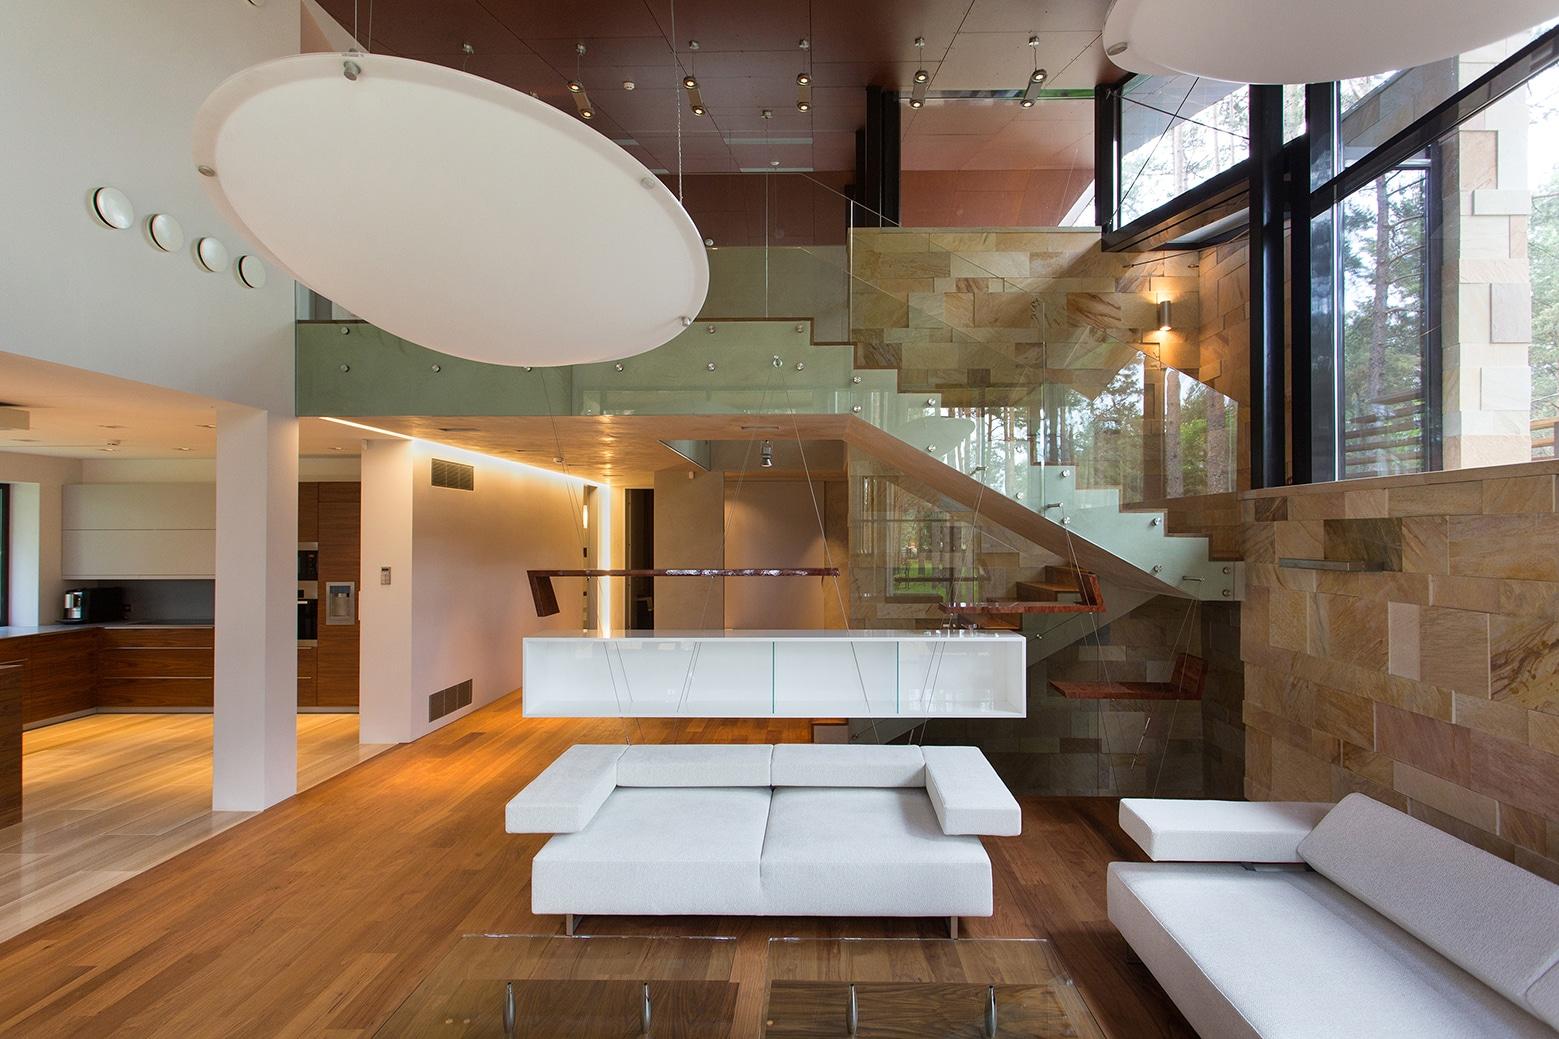 Casa de campo con planos dise o de fachada e interiores for Interior de casas modernas